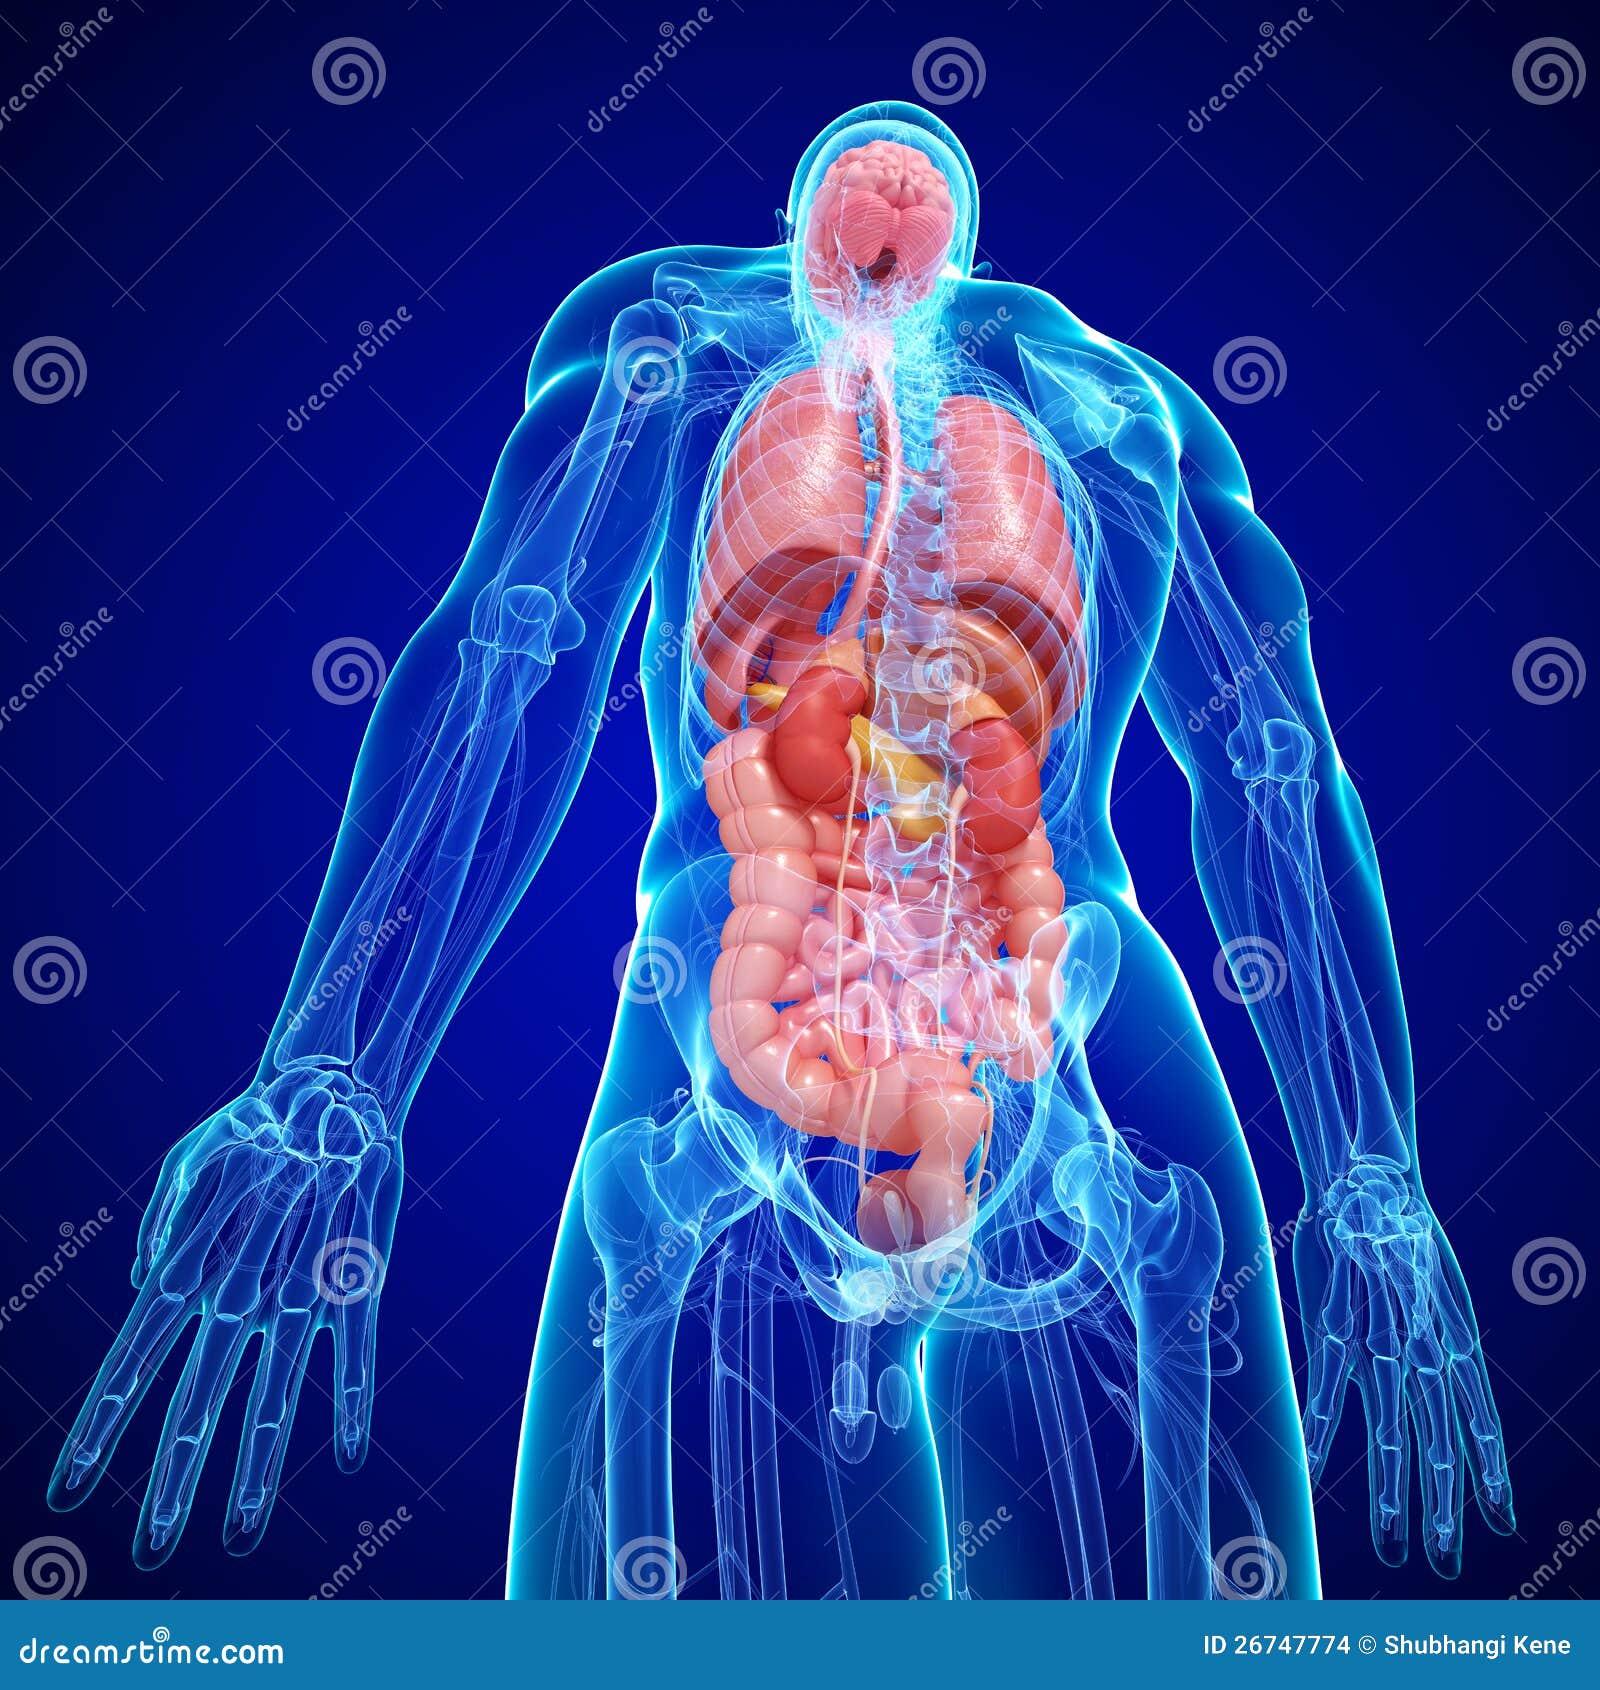 Anatomie Der Internen Struktur Des Menschlichen Körpers Stock ...